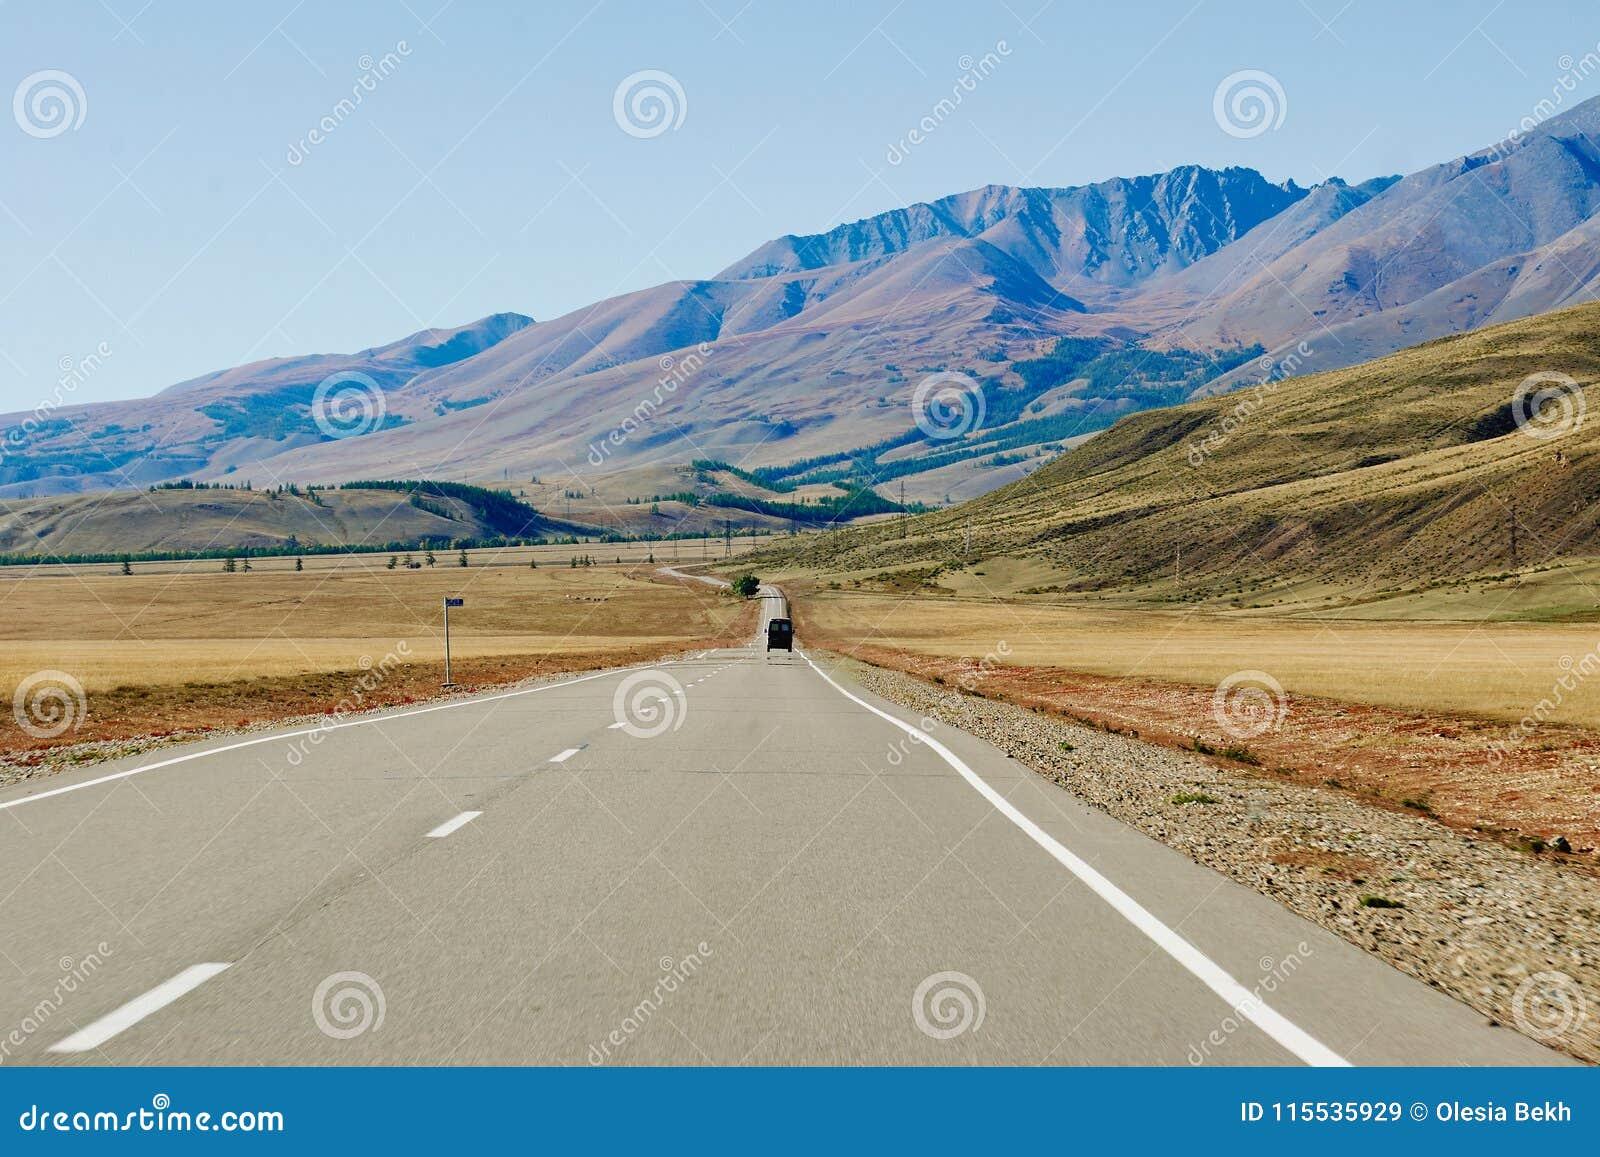 Auto op de weg in de Altai-Bergen dichtbij de grens van Rusland en Mongolië